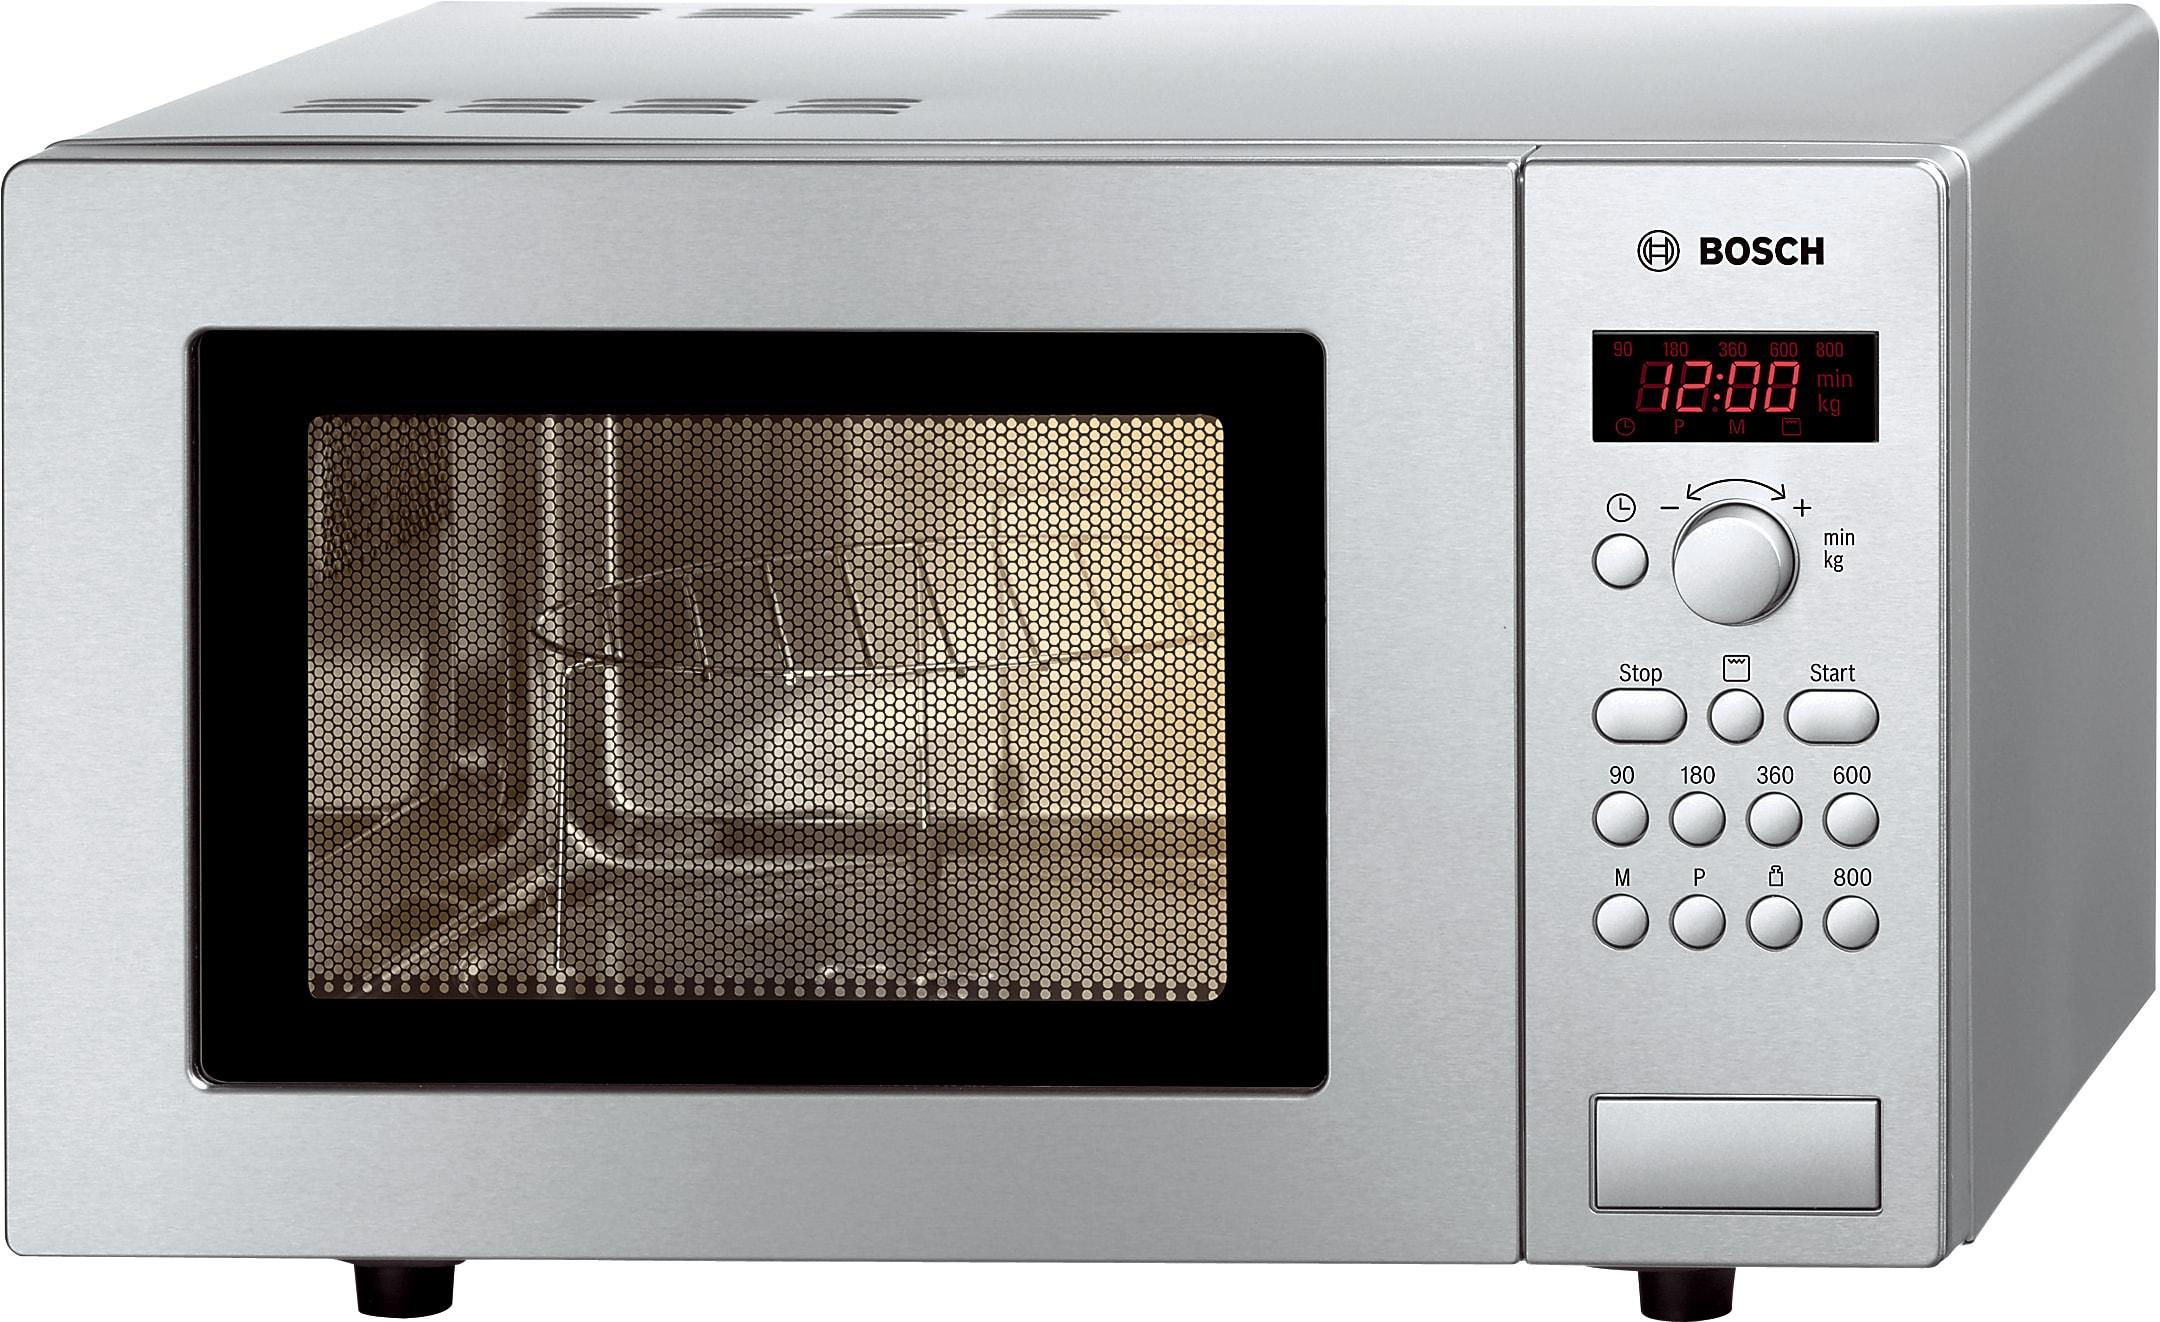 Bosch HMT75G451 800W Mikrowelle/1000W Grill 17l 5 Leistungsstufen 24,5cm für 149,96 Euro